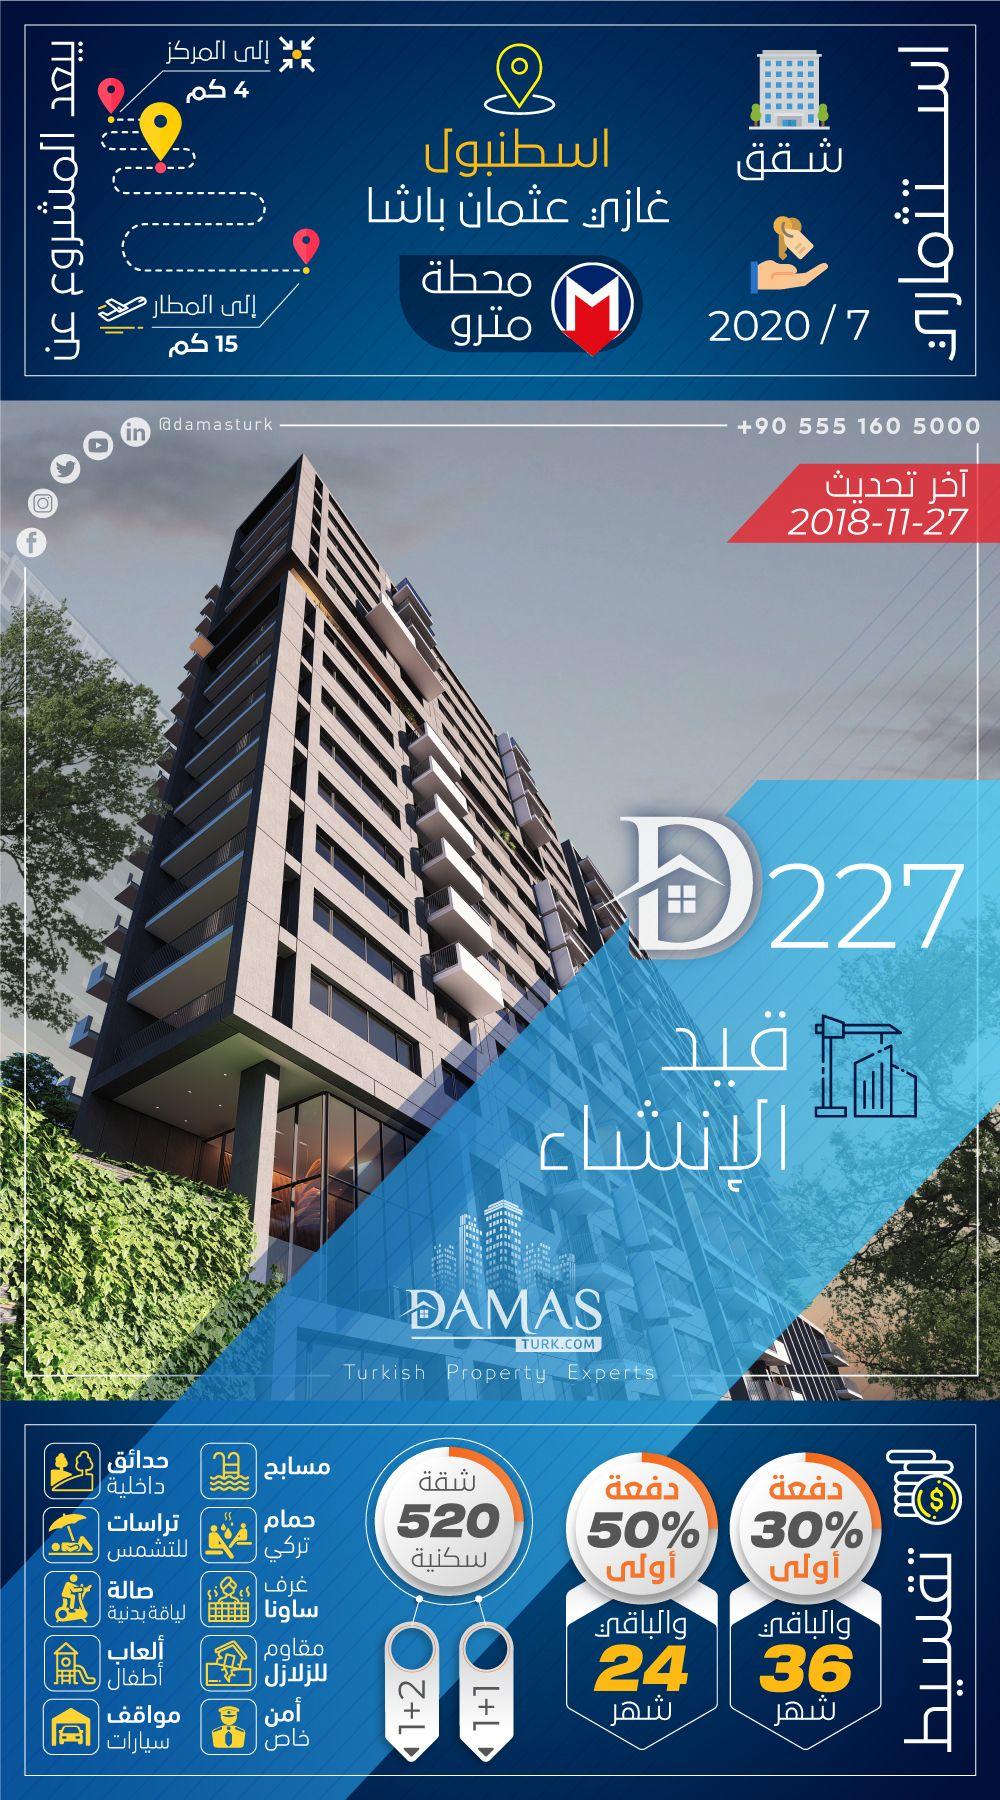 مجمع استثماري قيد الإنشاء في اسطنبول الأوروبية منطقة غازي عثمان باشا تسليم 07 2020 دفعة مقدمة 30 و الباقي تقسيط على 36 شهر أو دفعة 50 و الباقي تقسيط على 24